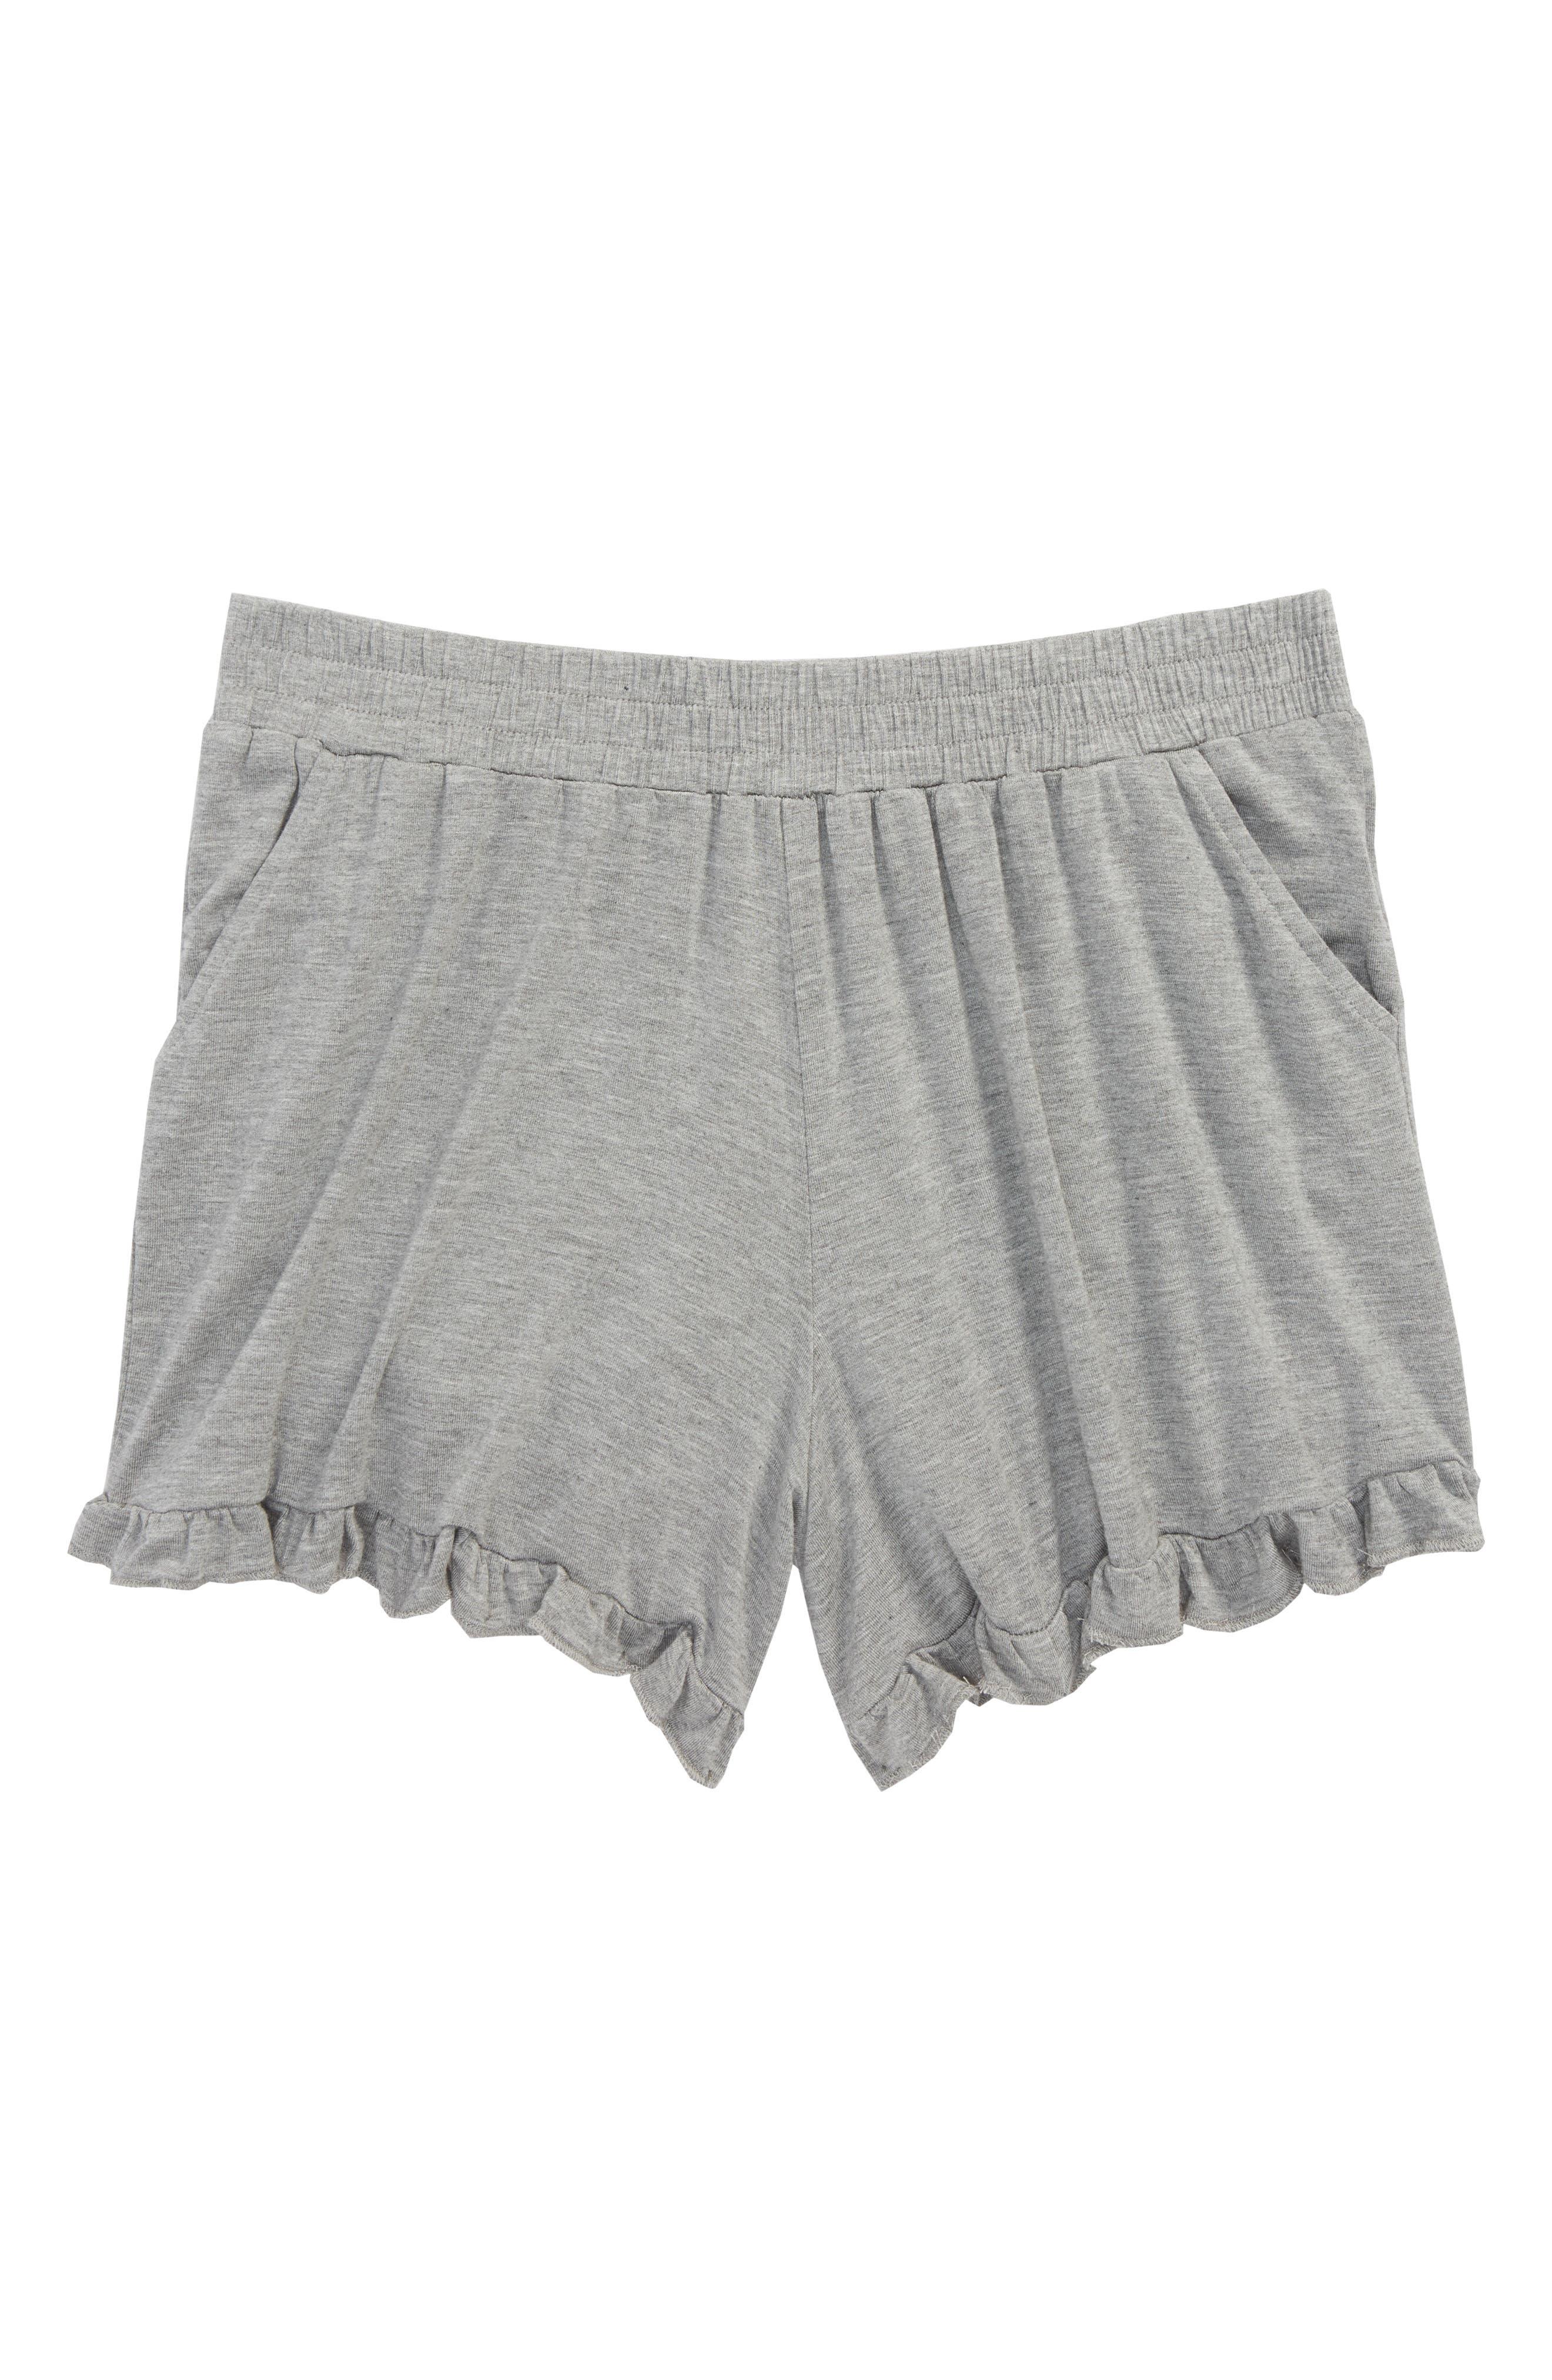 Ruffle Shorts,                             Main thumbnail 1, color,                             030